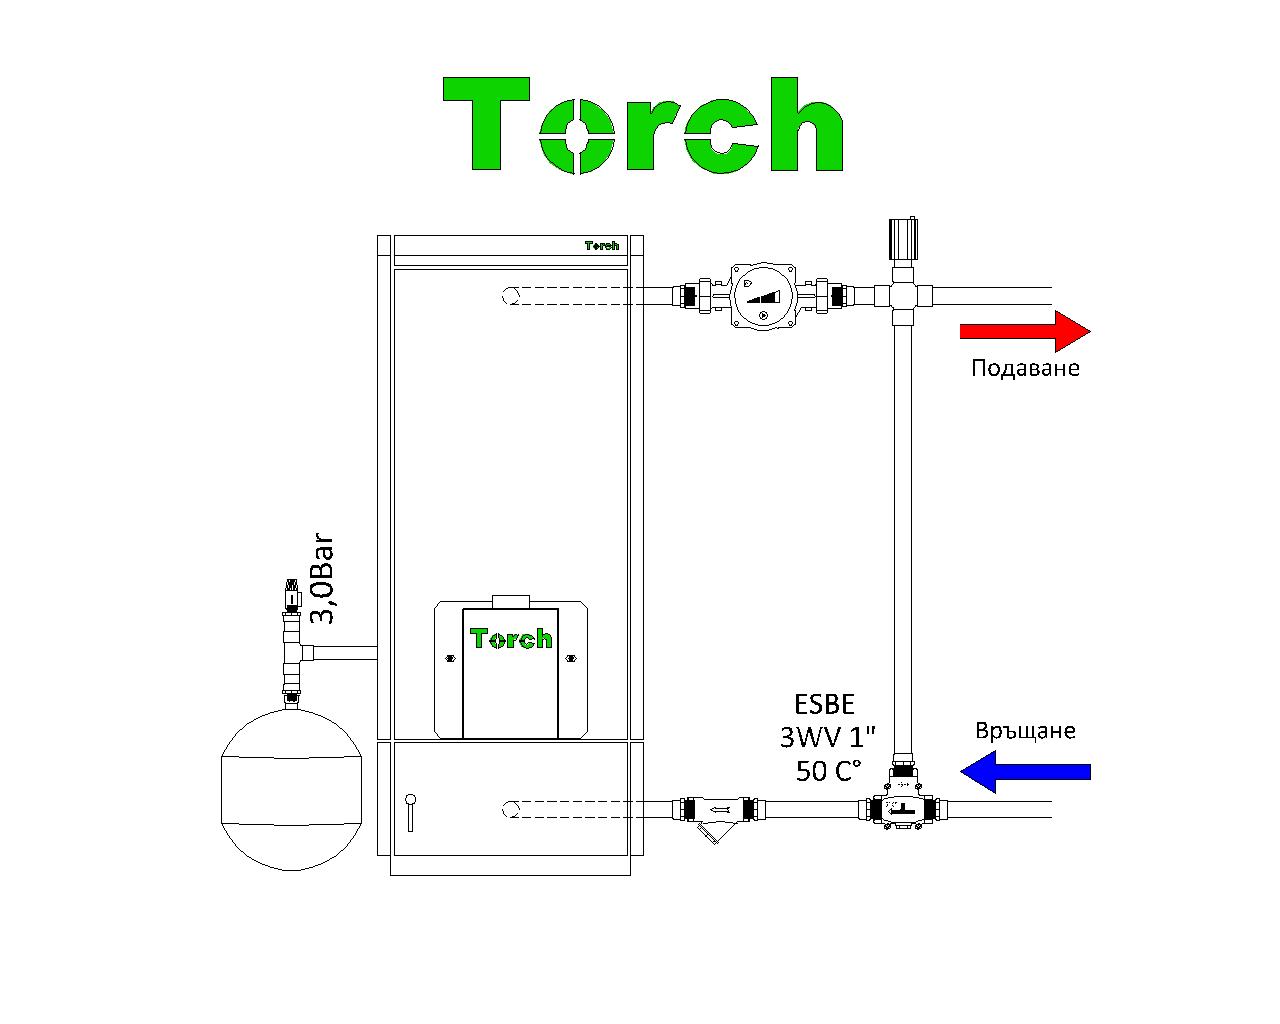 Схема на свързване на пелетен котел Torch II - тип 3